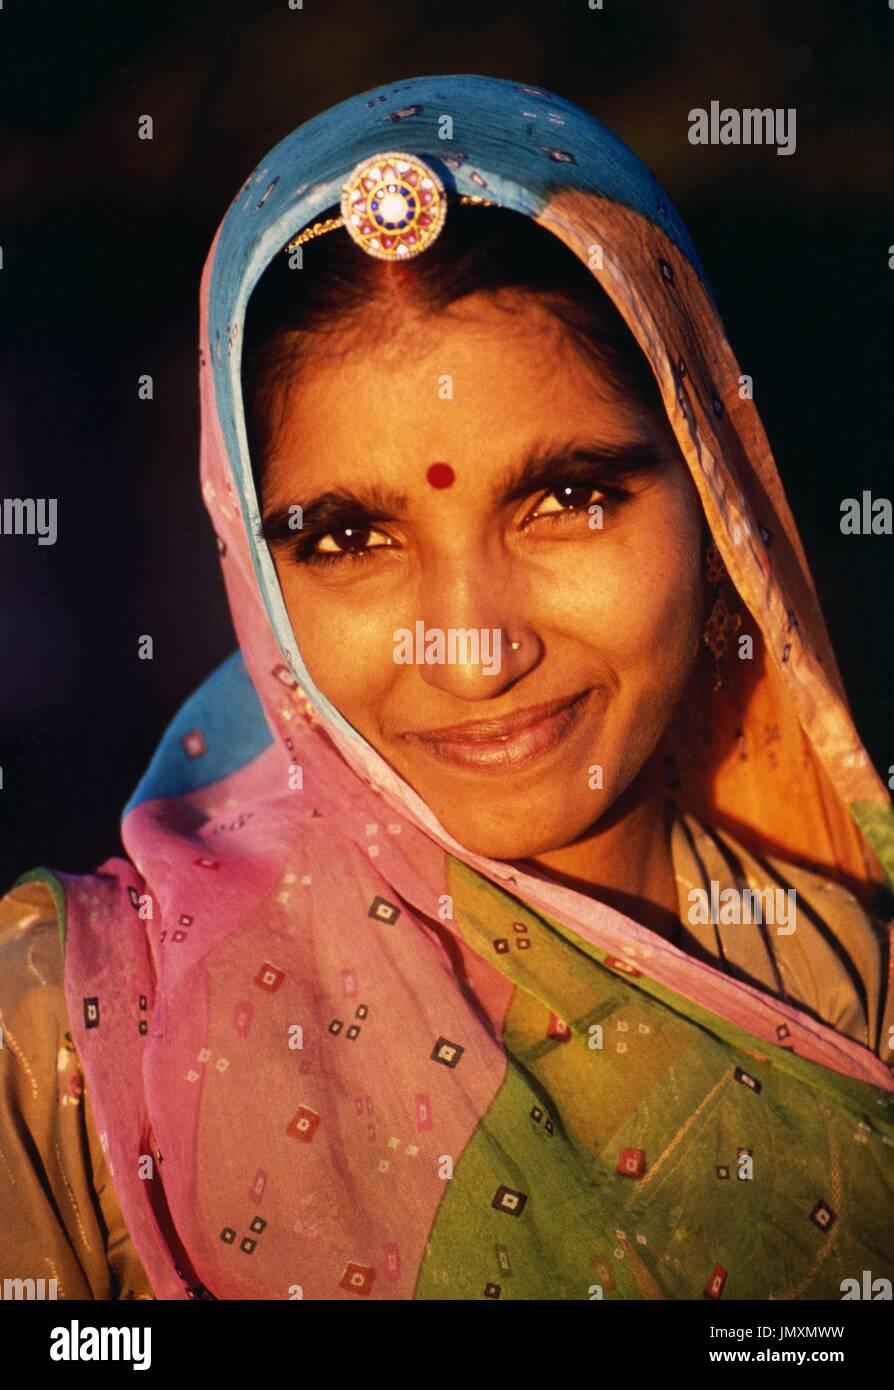 Una giovane donna del fiero Rajput casta da Kishanpura villaggio nei pressi di Pushkar nel Rajasthan in India. Immagini Stock